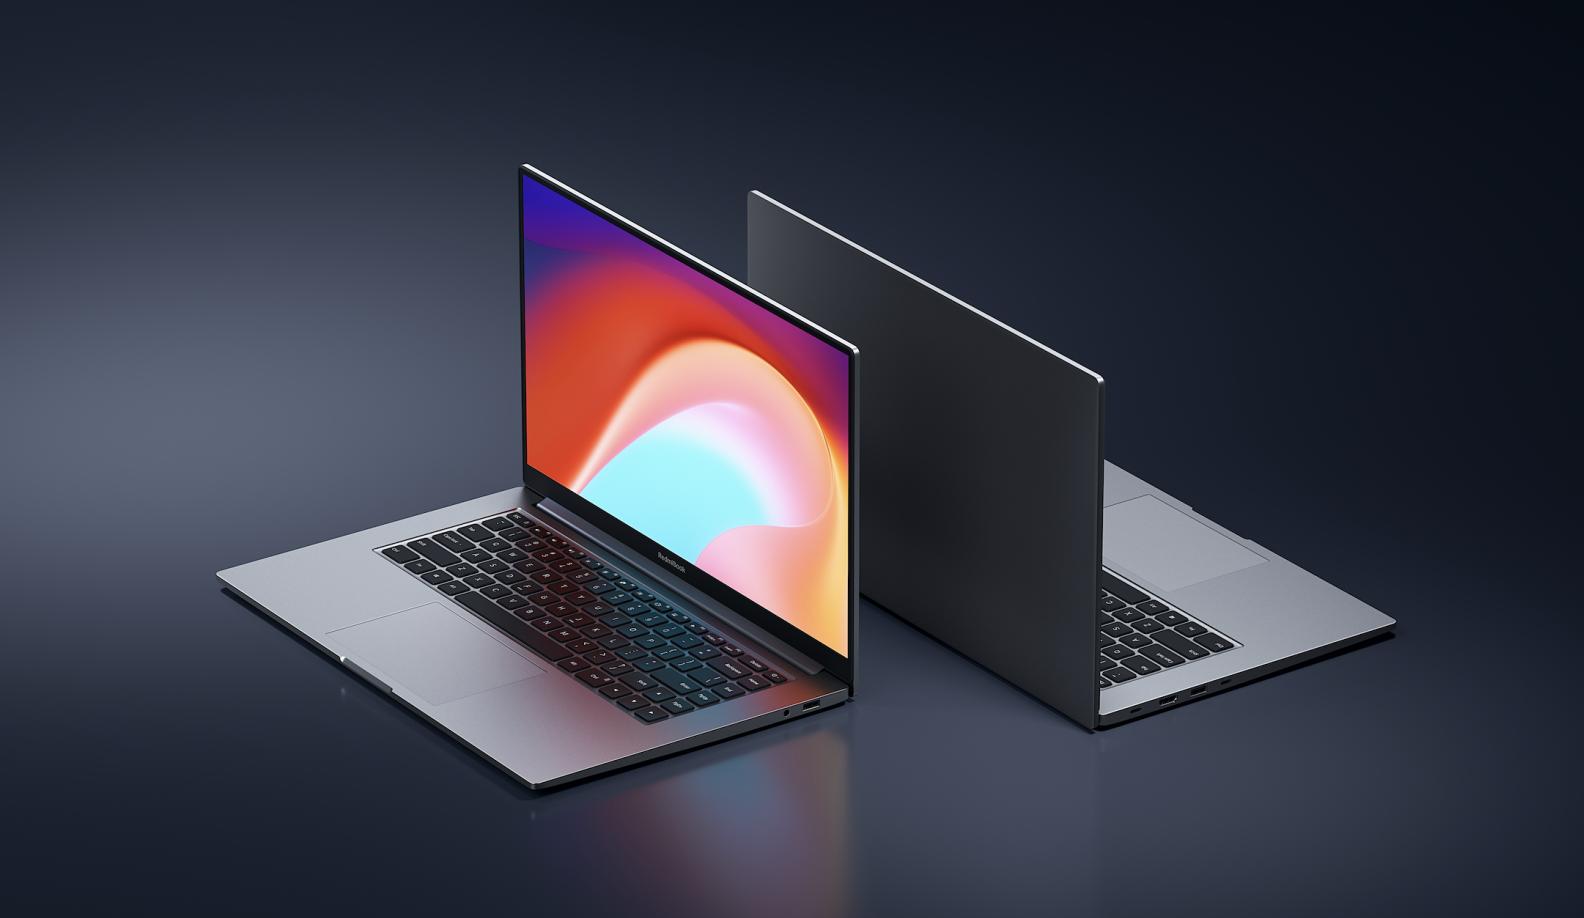 全系标配最新锐龙4000处理器 RedmiBook三款齐发